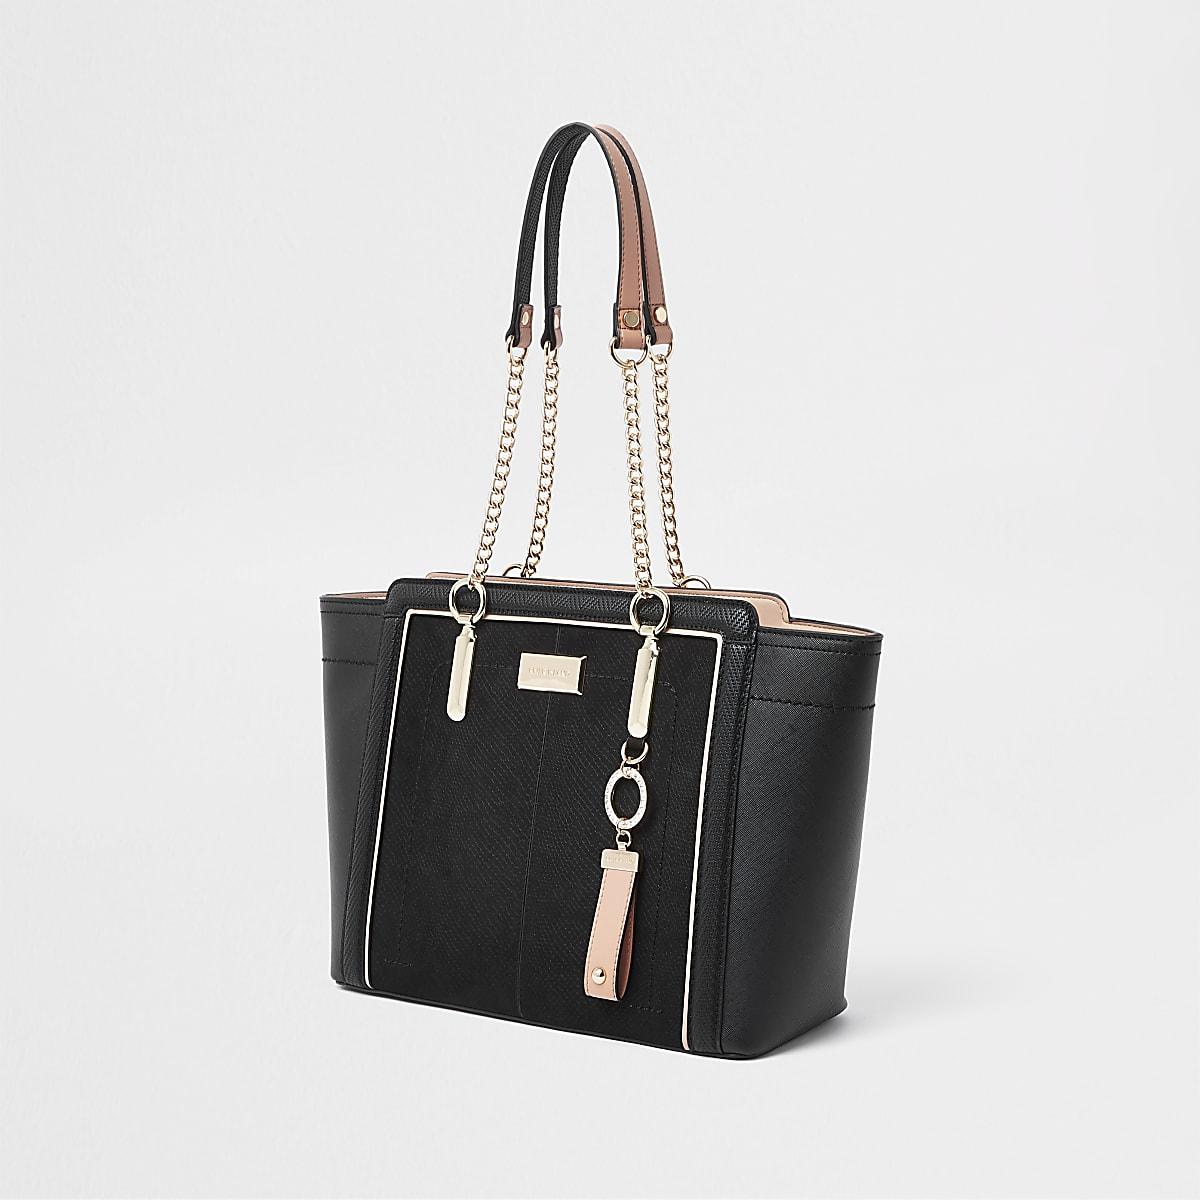 Zwarte handtas met ketting en zij-inzetten